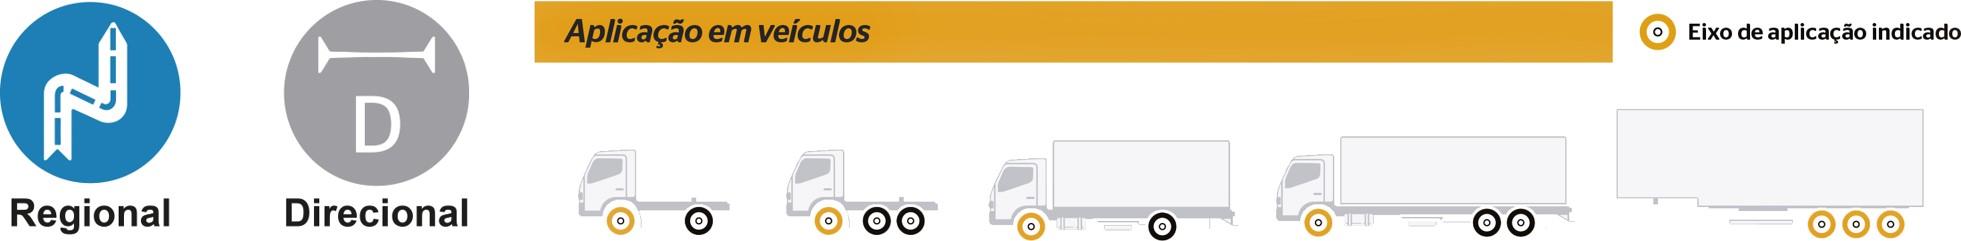 HSR1: Pneu liso - Mercadoria | Continental Pneus Carga (Ícones com categorias de uso)